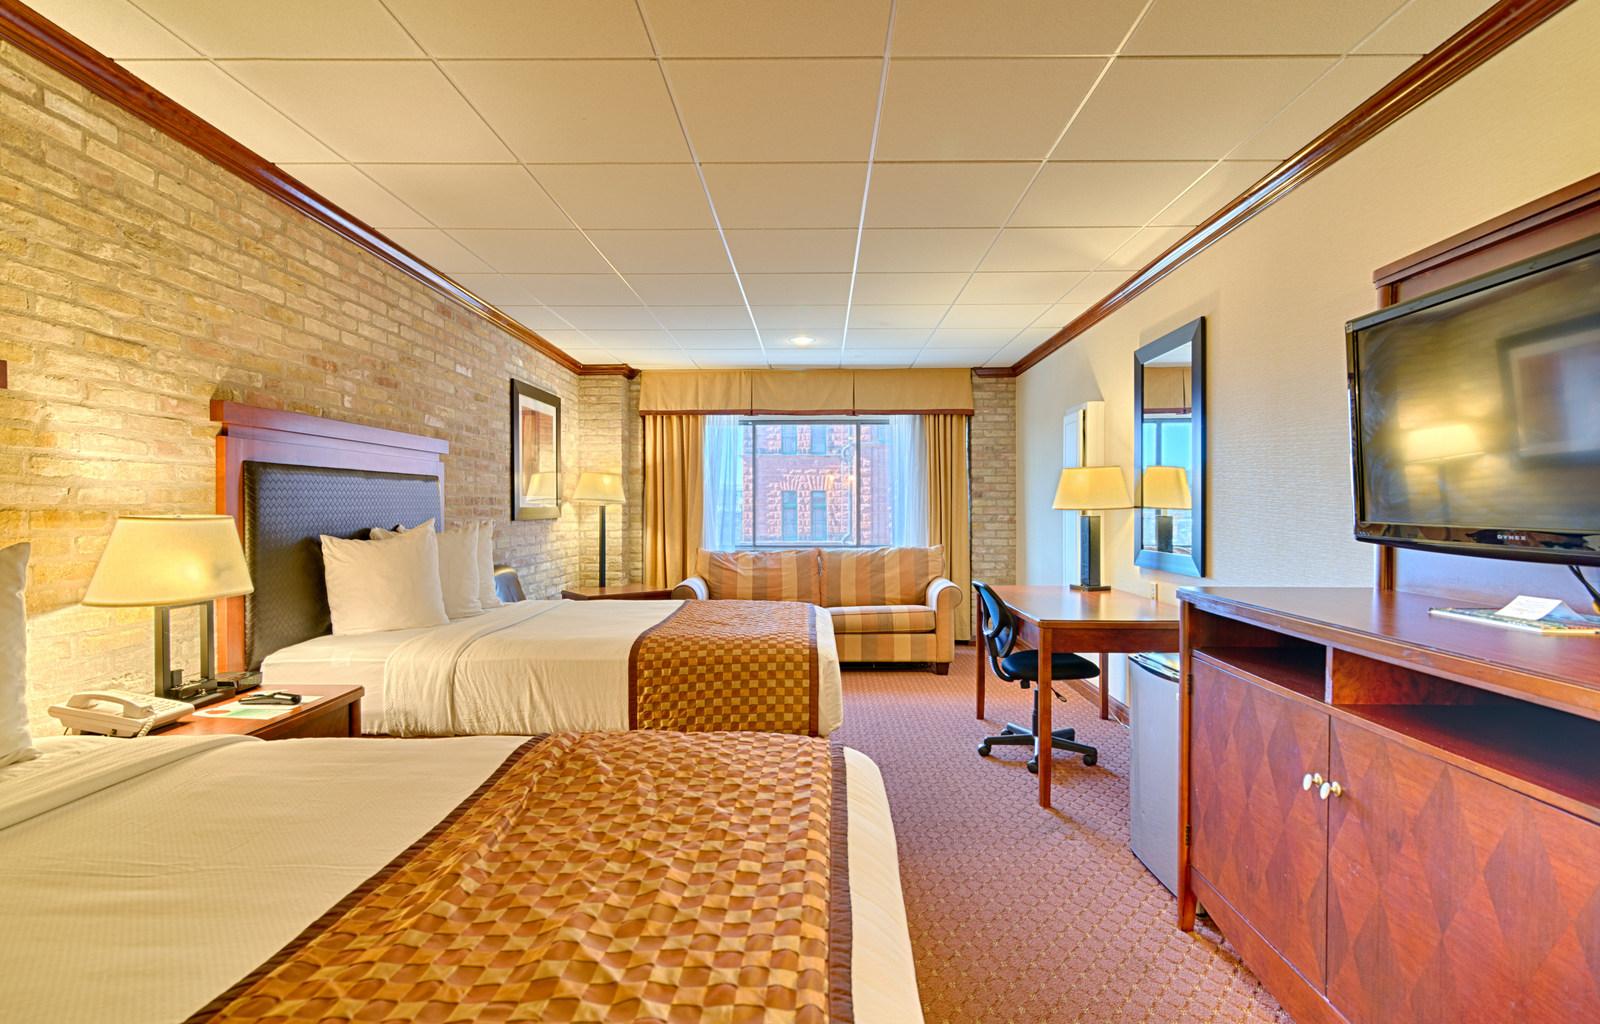 Hoteles En San Antonio Texas Cerca De Lo Que Buscas